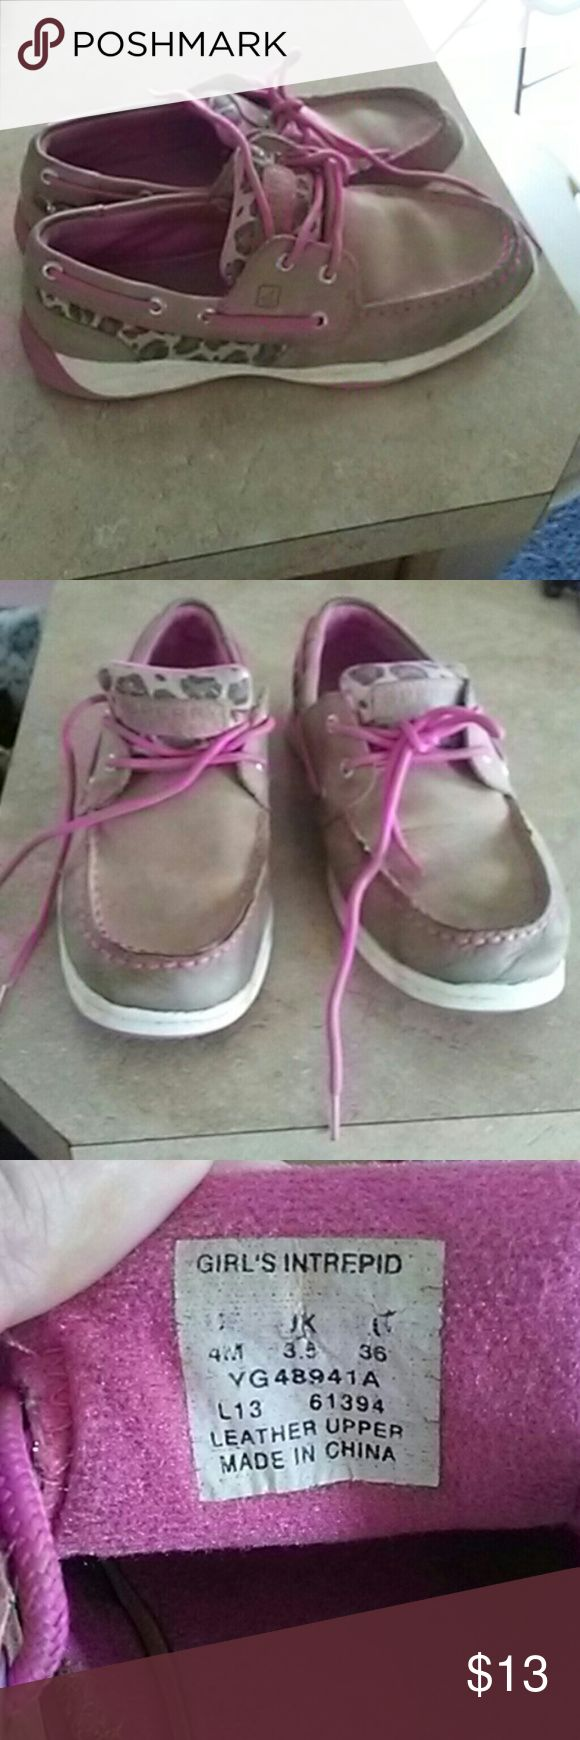 Girls sperrys Girls sperrys Sperry Top-Sider Shoes Sneakers